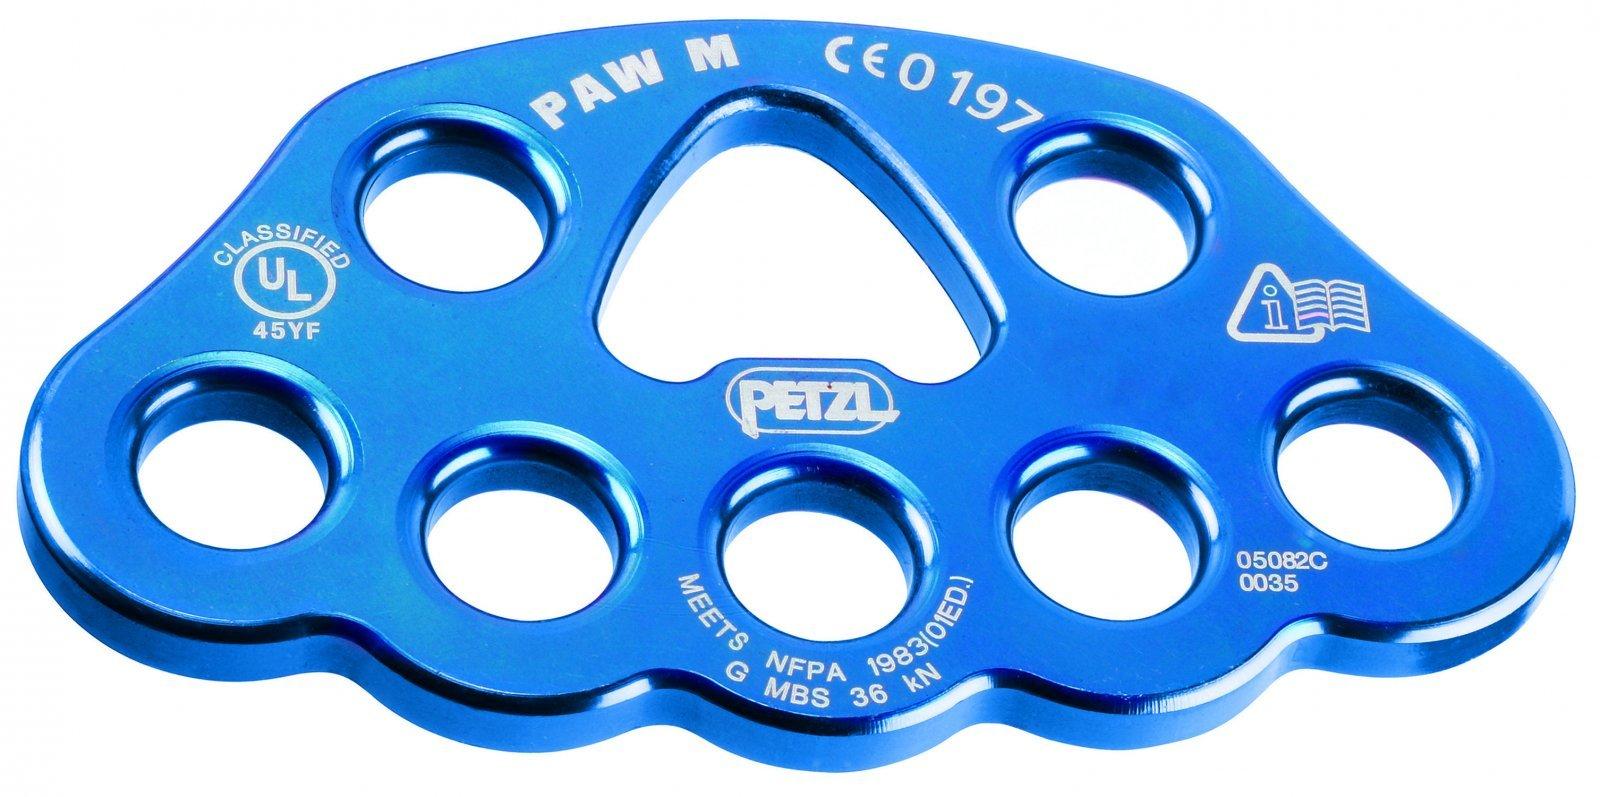 Petzl Paw Aluminum (7 Hole) 2020